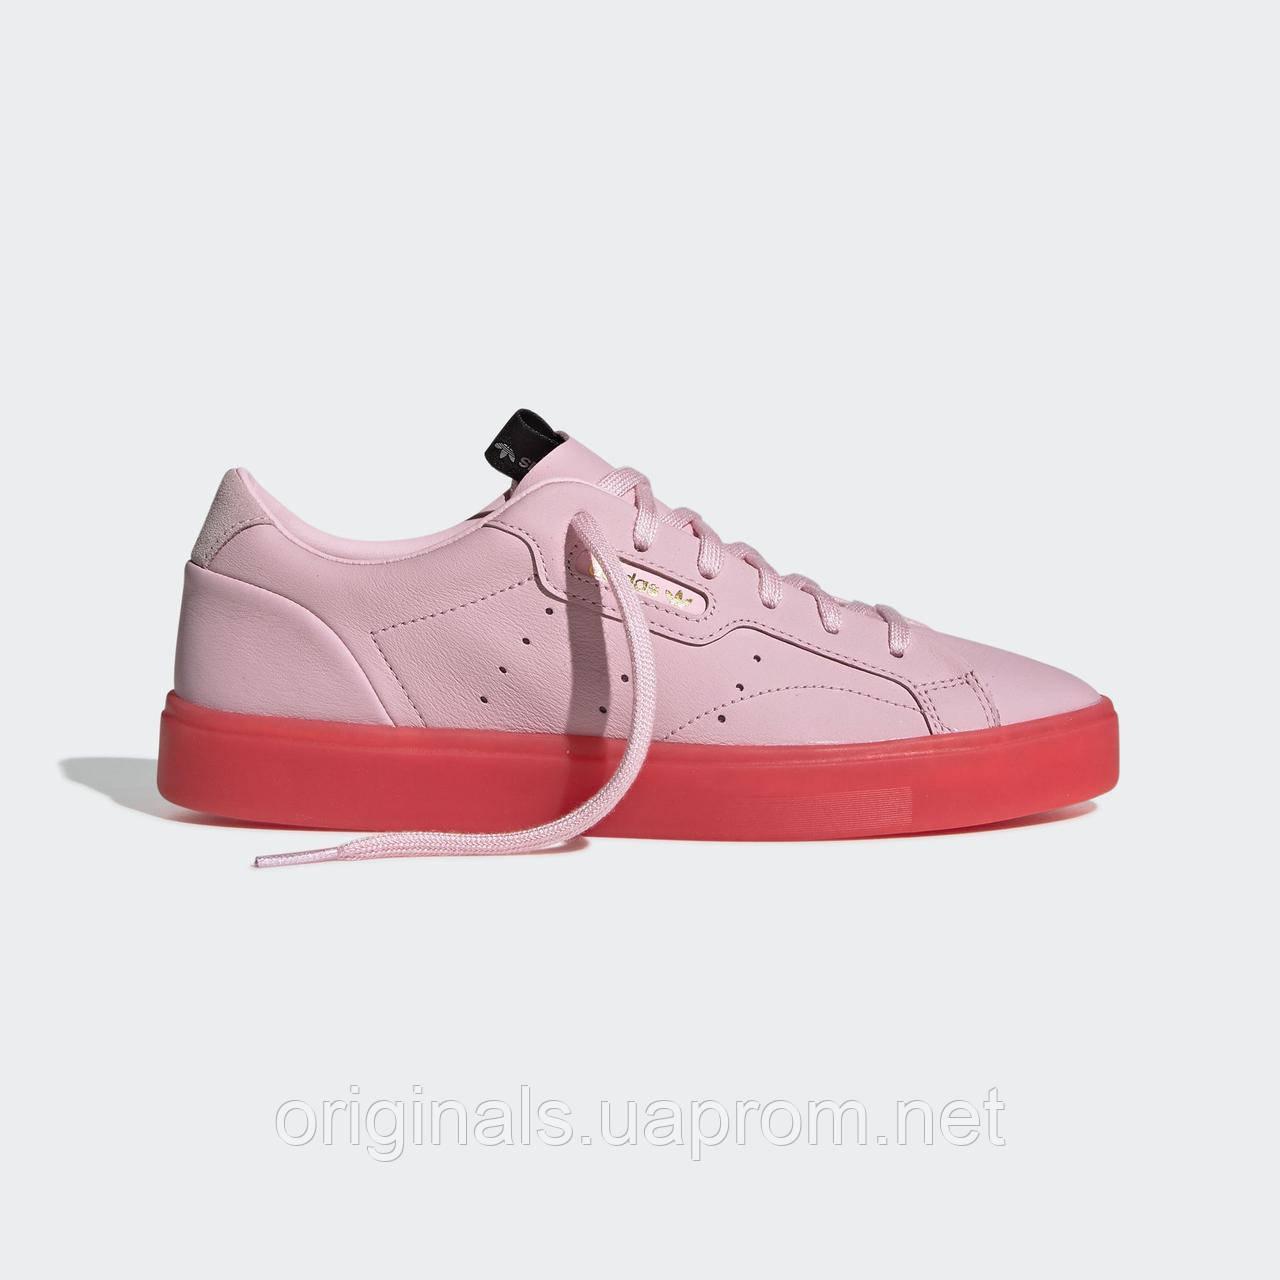 Обувь женская Adidas Sleek W BD7475